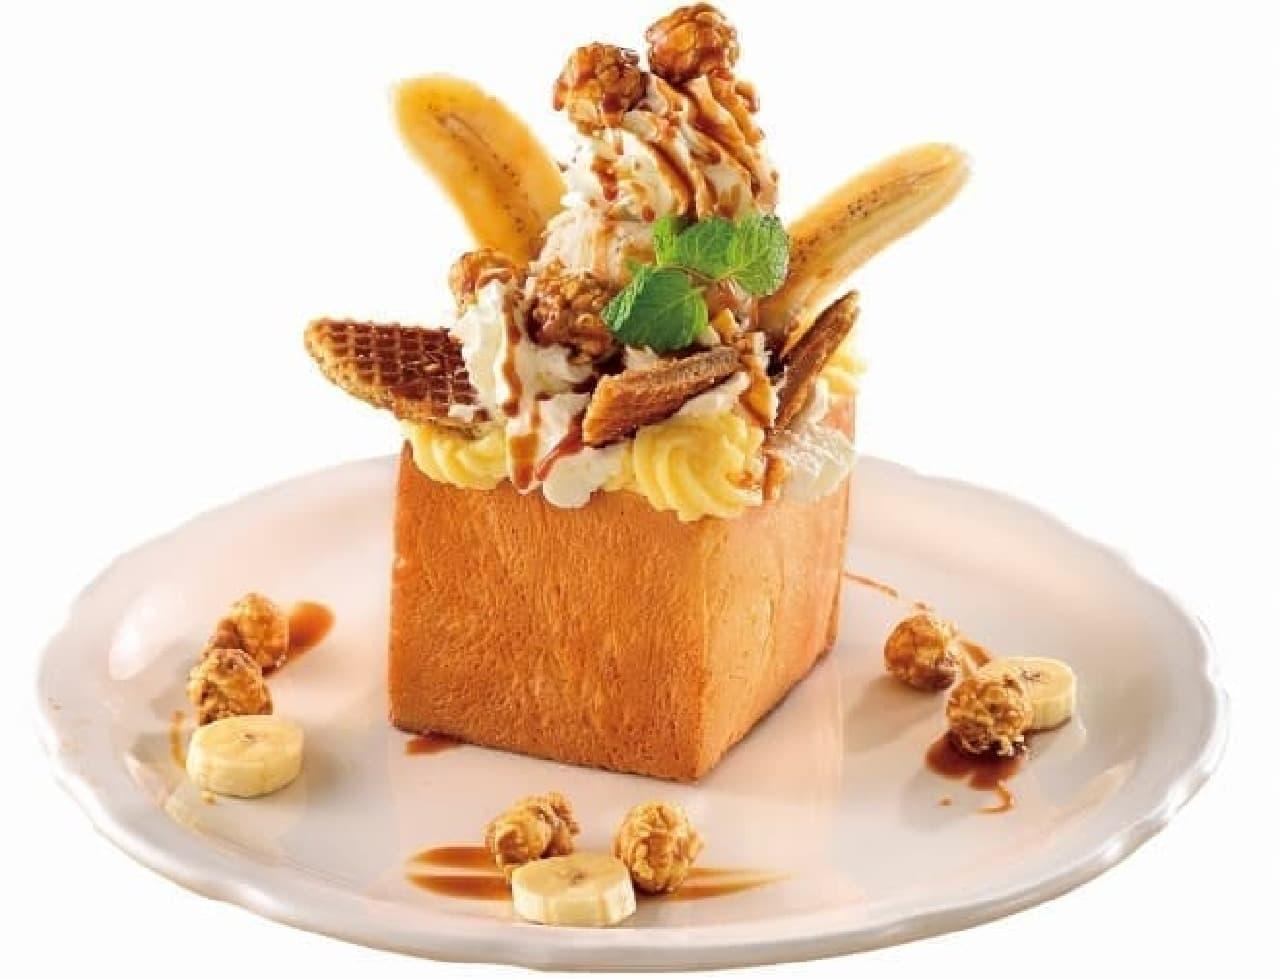 オリジナルパンケーキハウス ハニーフレンチトースト「キャラメルハート」